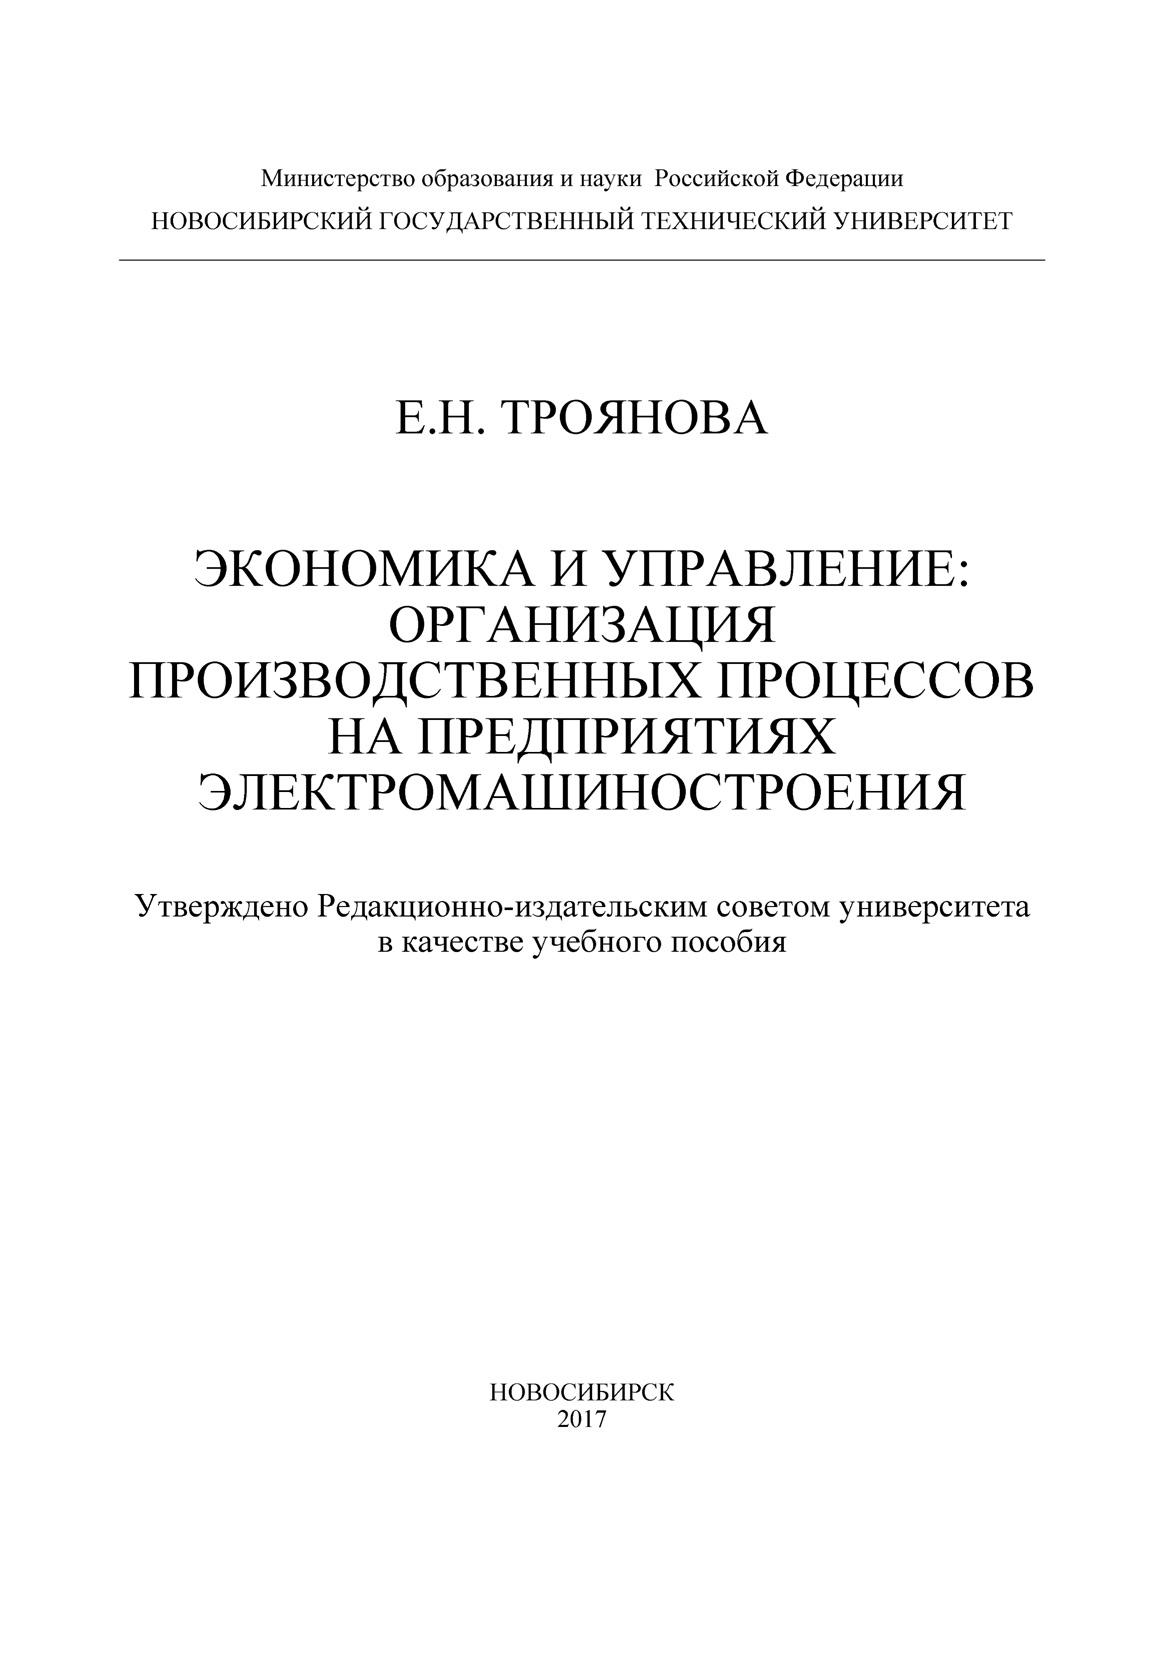 Е. Н. Троянова Экономика и управление: организация производственных процессов на предприятиях электромашиностроения